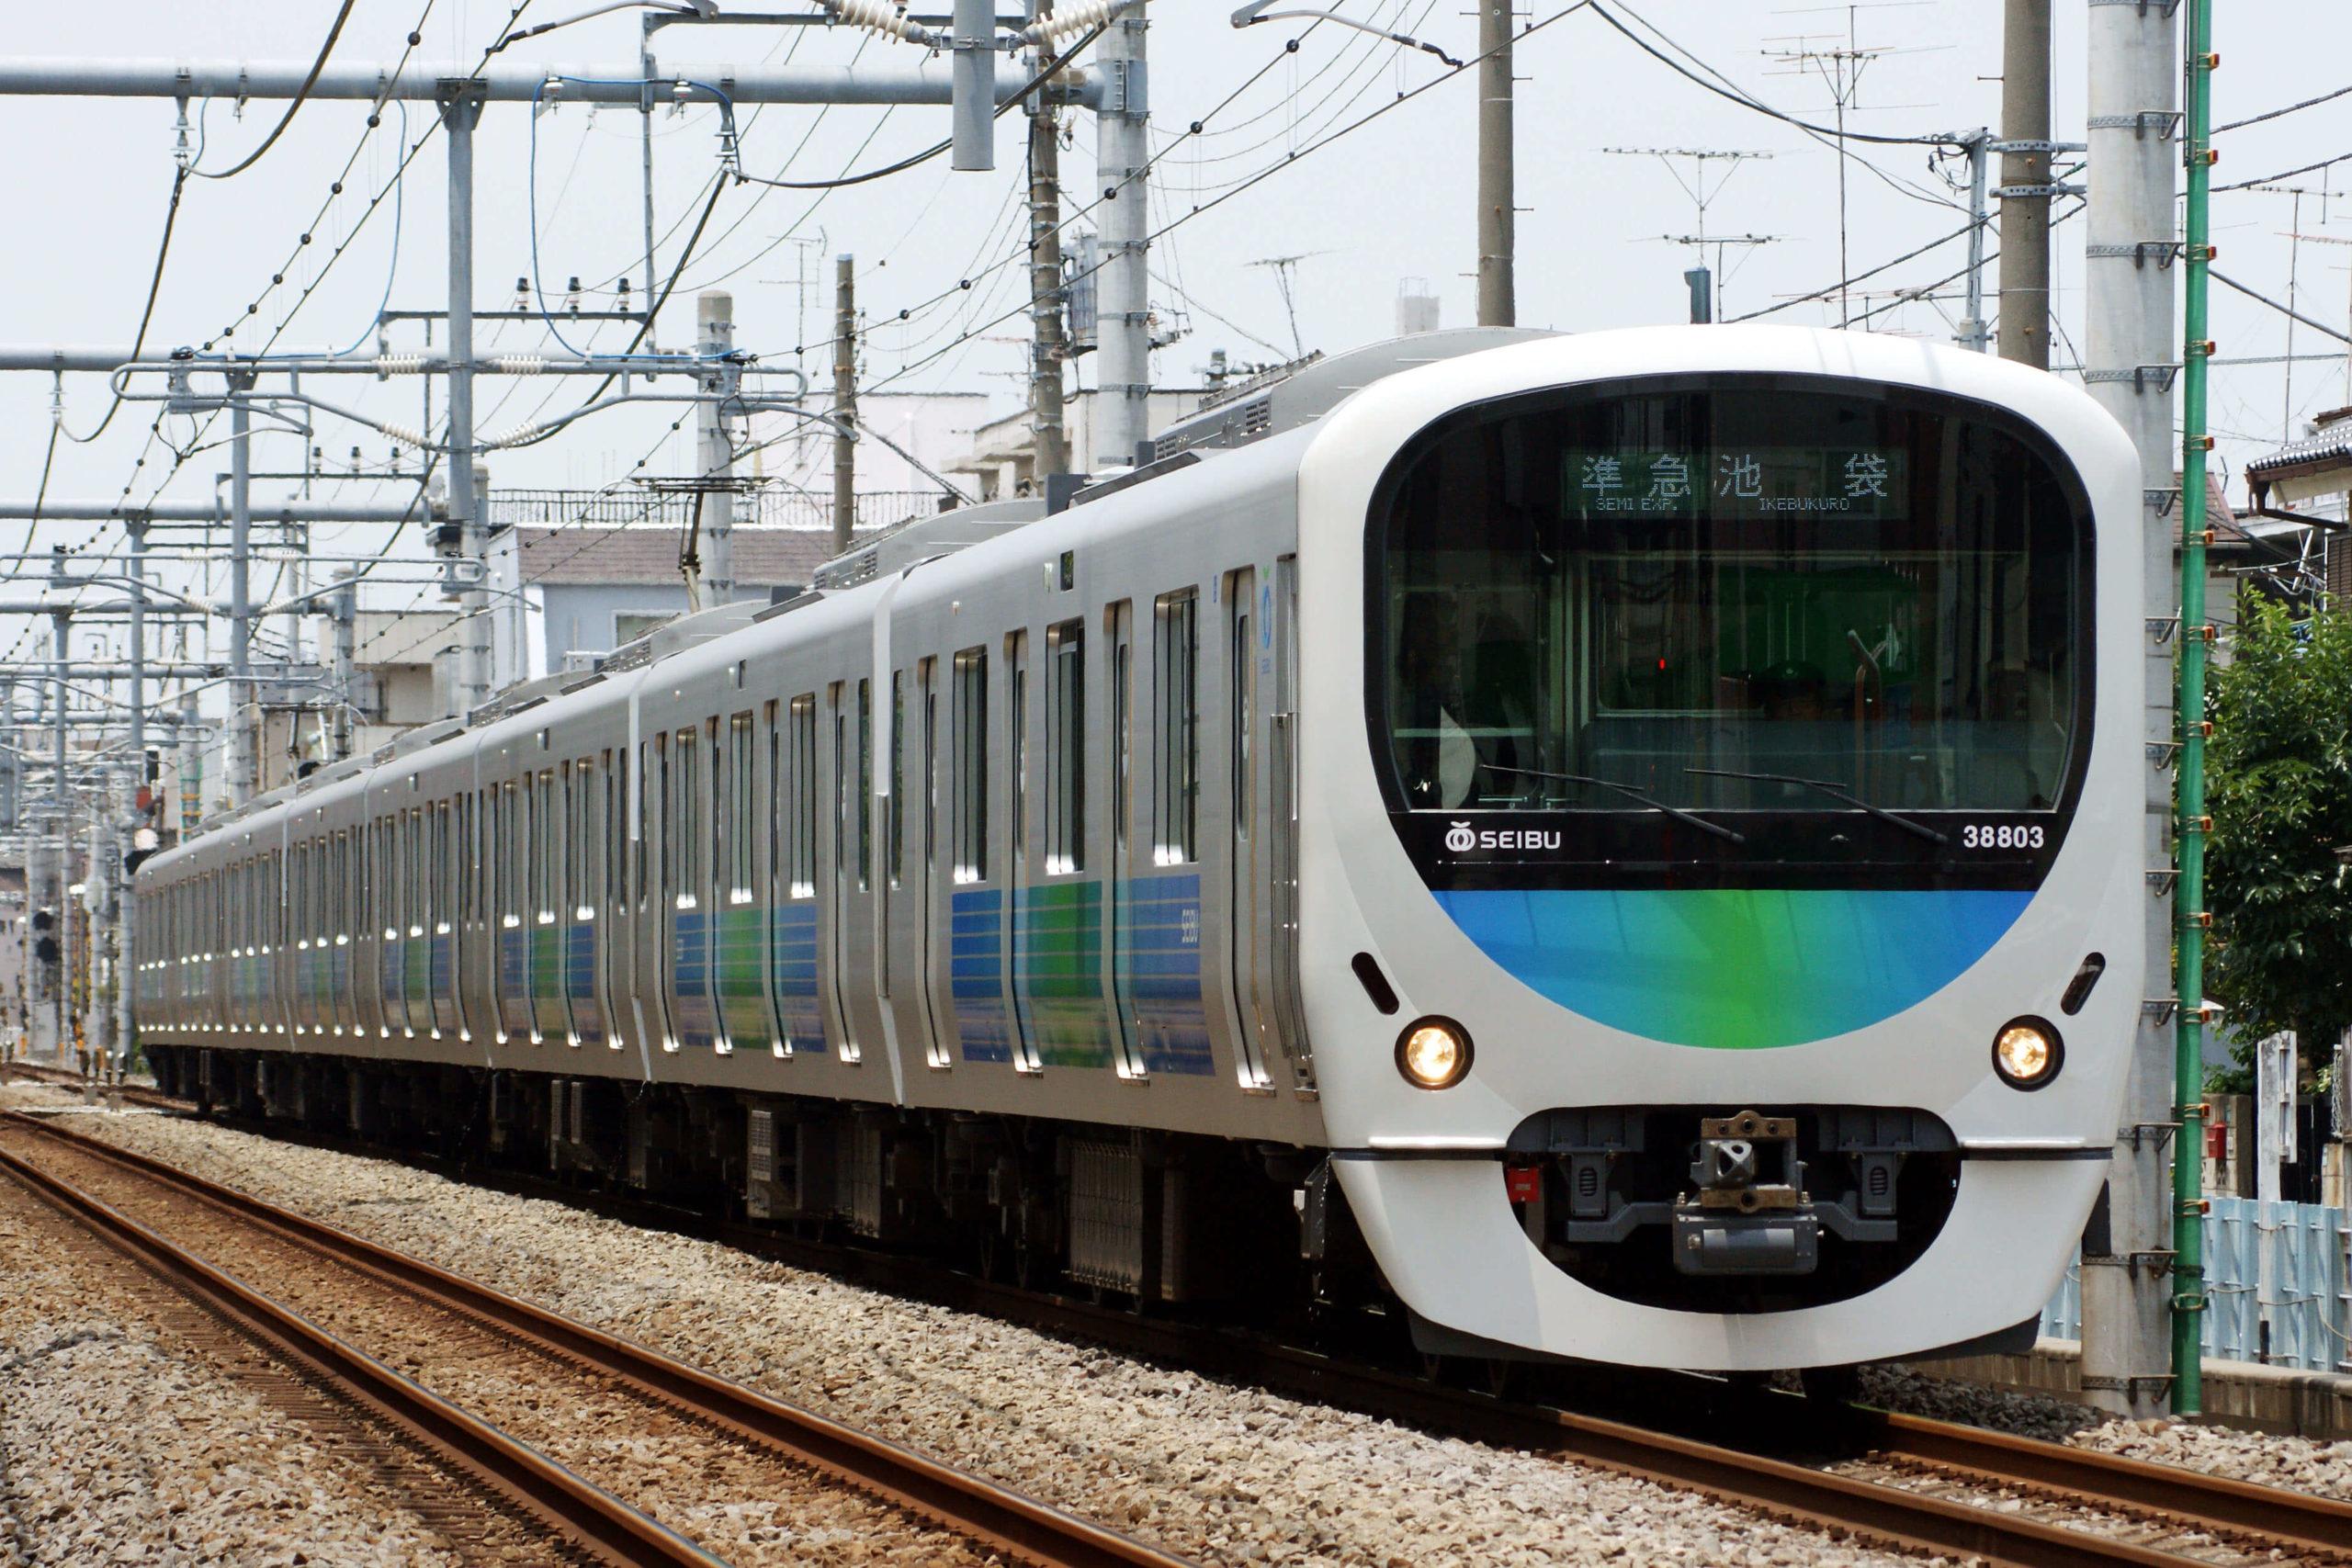 Seibu_Railway_giappone